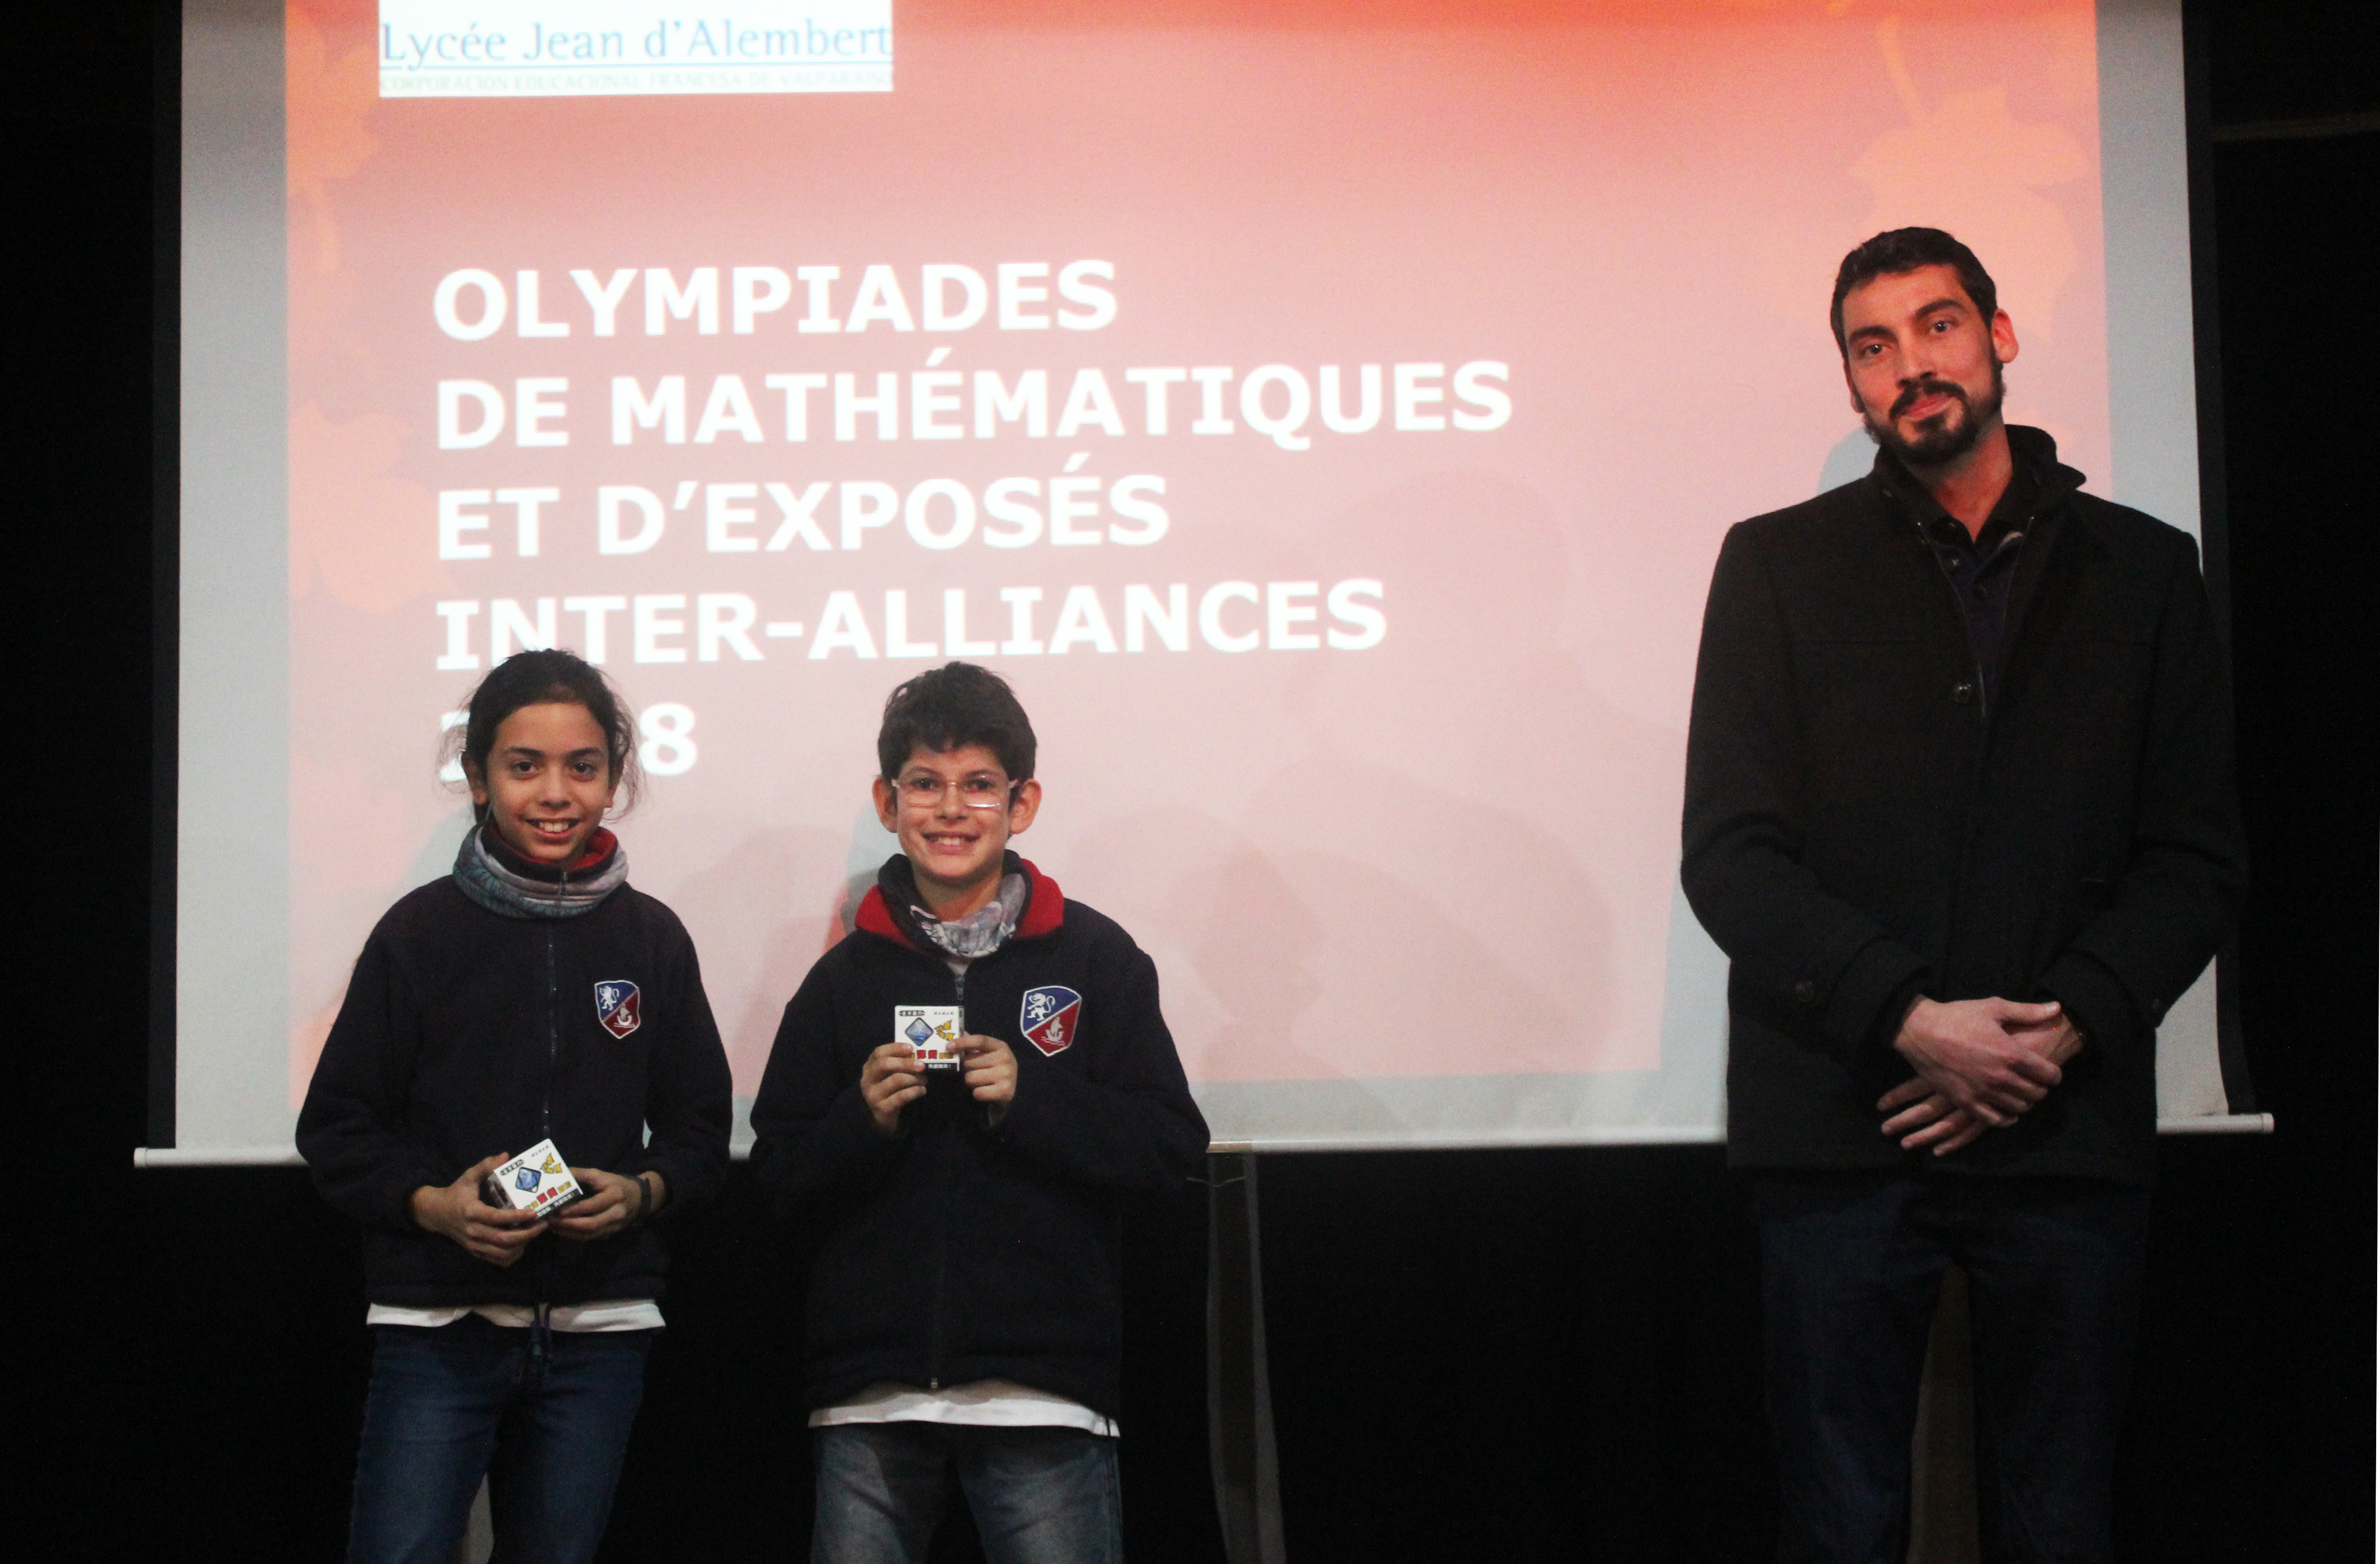 Prix remis par notre professeur Olivier Le Broch